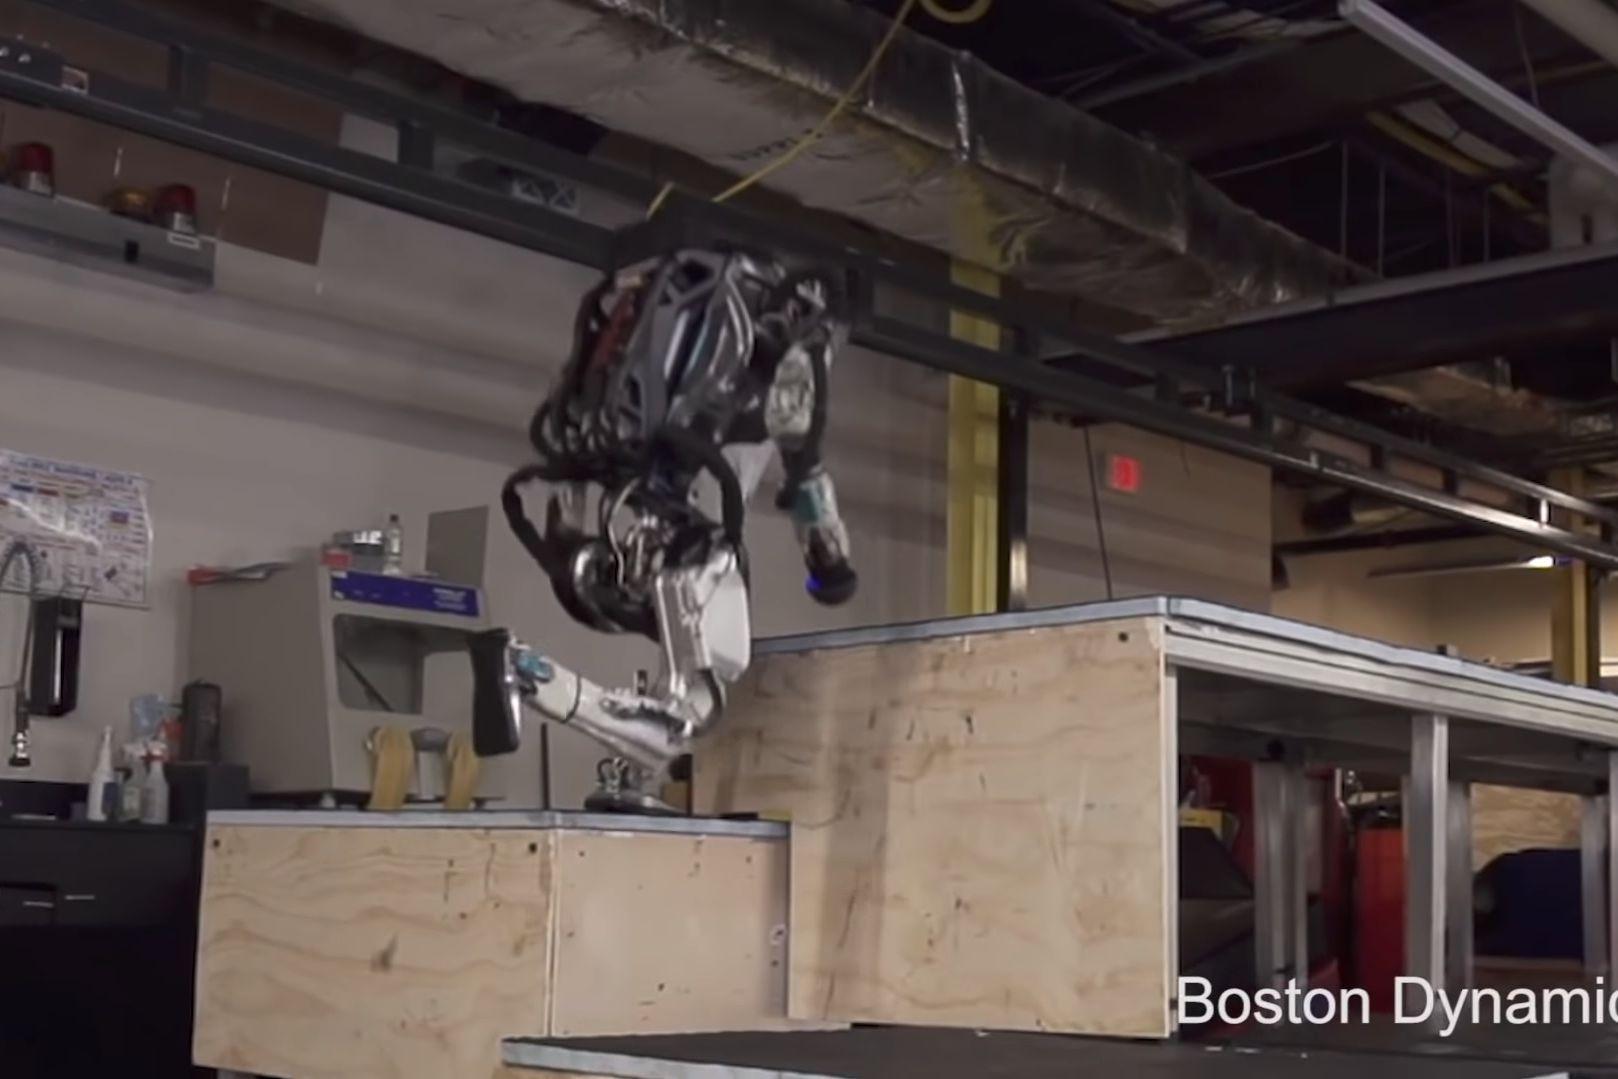 Robot da Boston Dynamics já é capaz de fazer 'parkour'